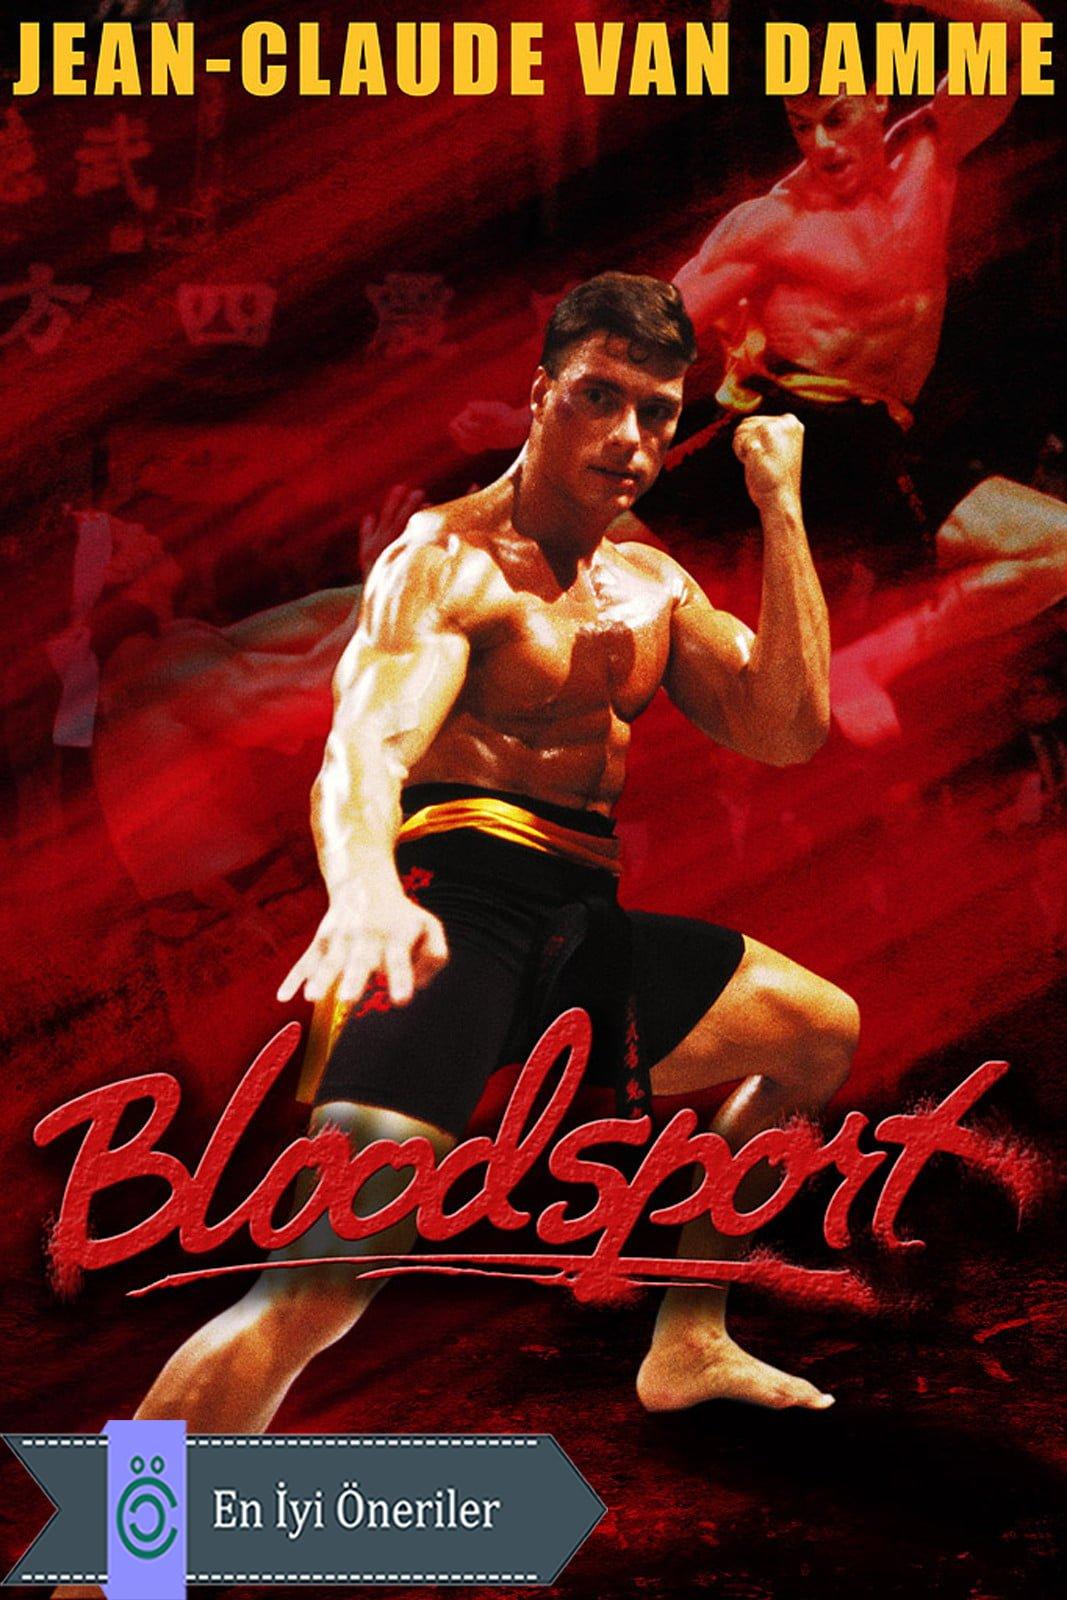 Kan Sporu Afiş